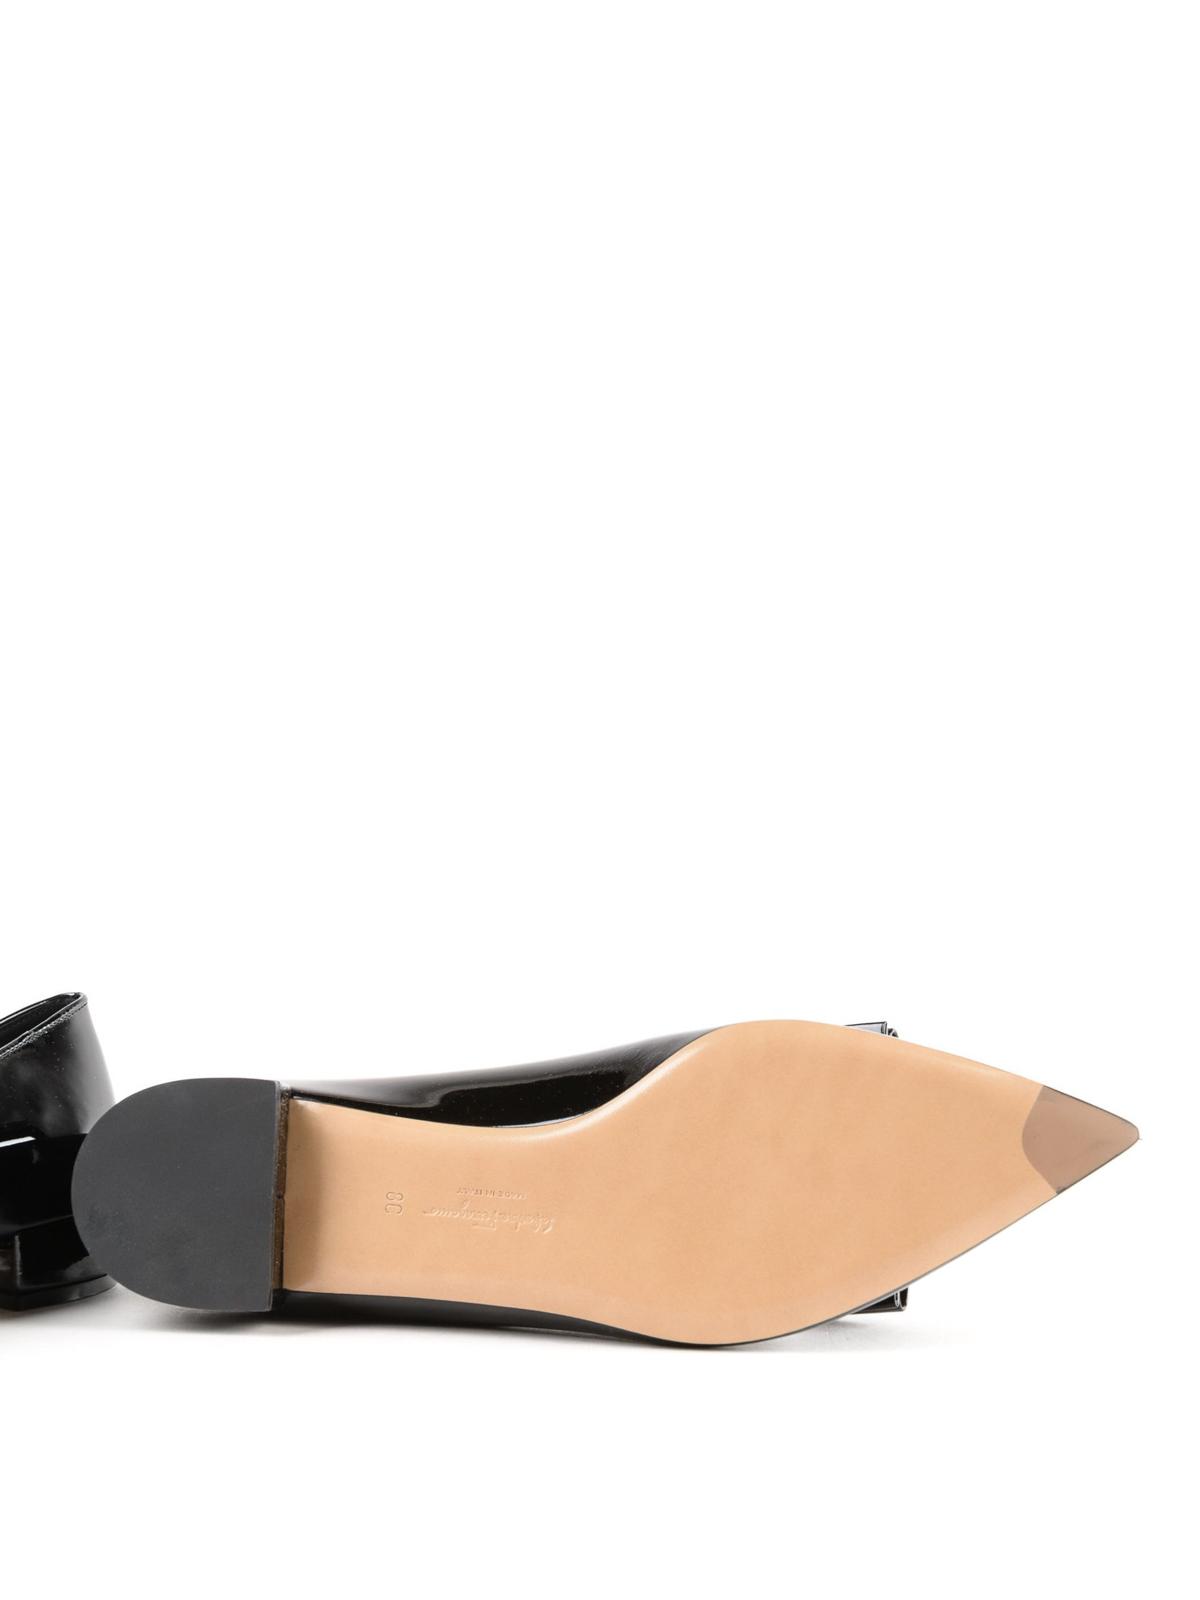 a7beb78e9513 Salvatore Ferragamo - Alice patent leather slippers - Loafers ...